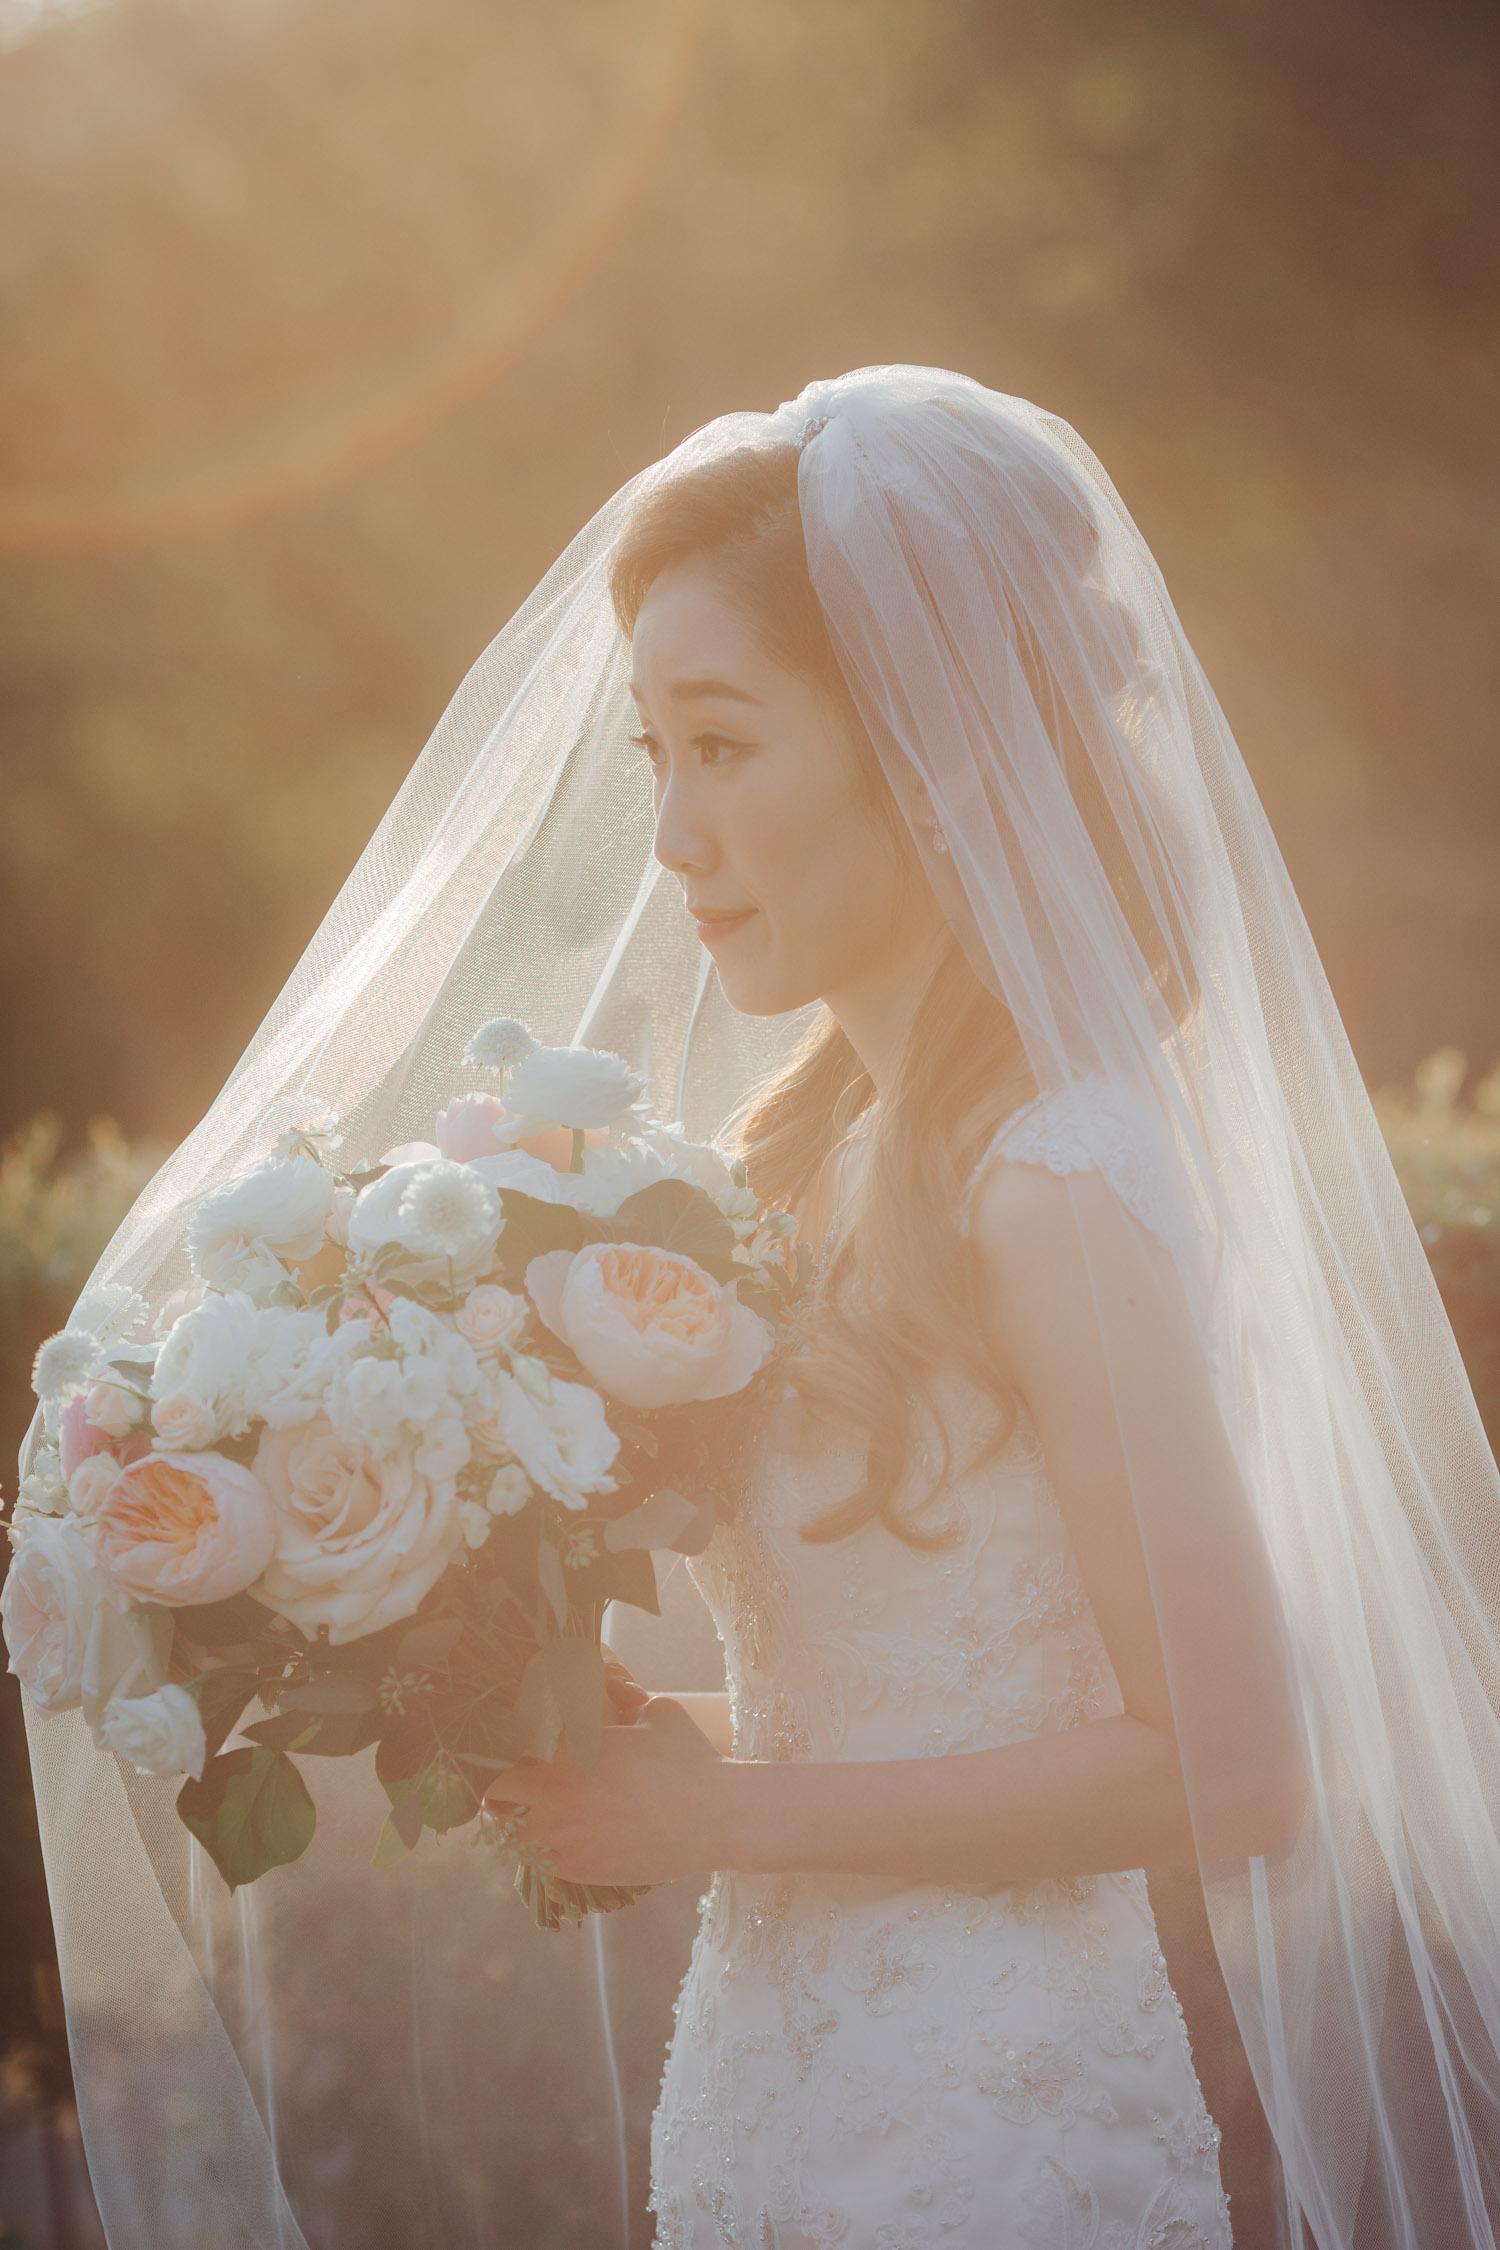 Bridal formal photo at Sunnybrook